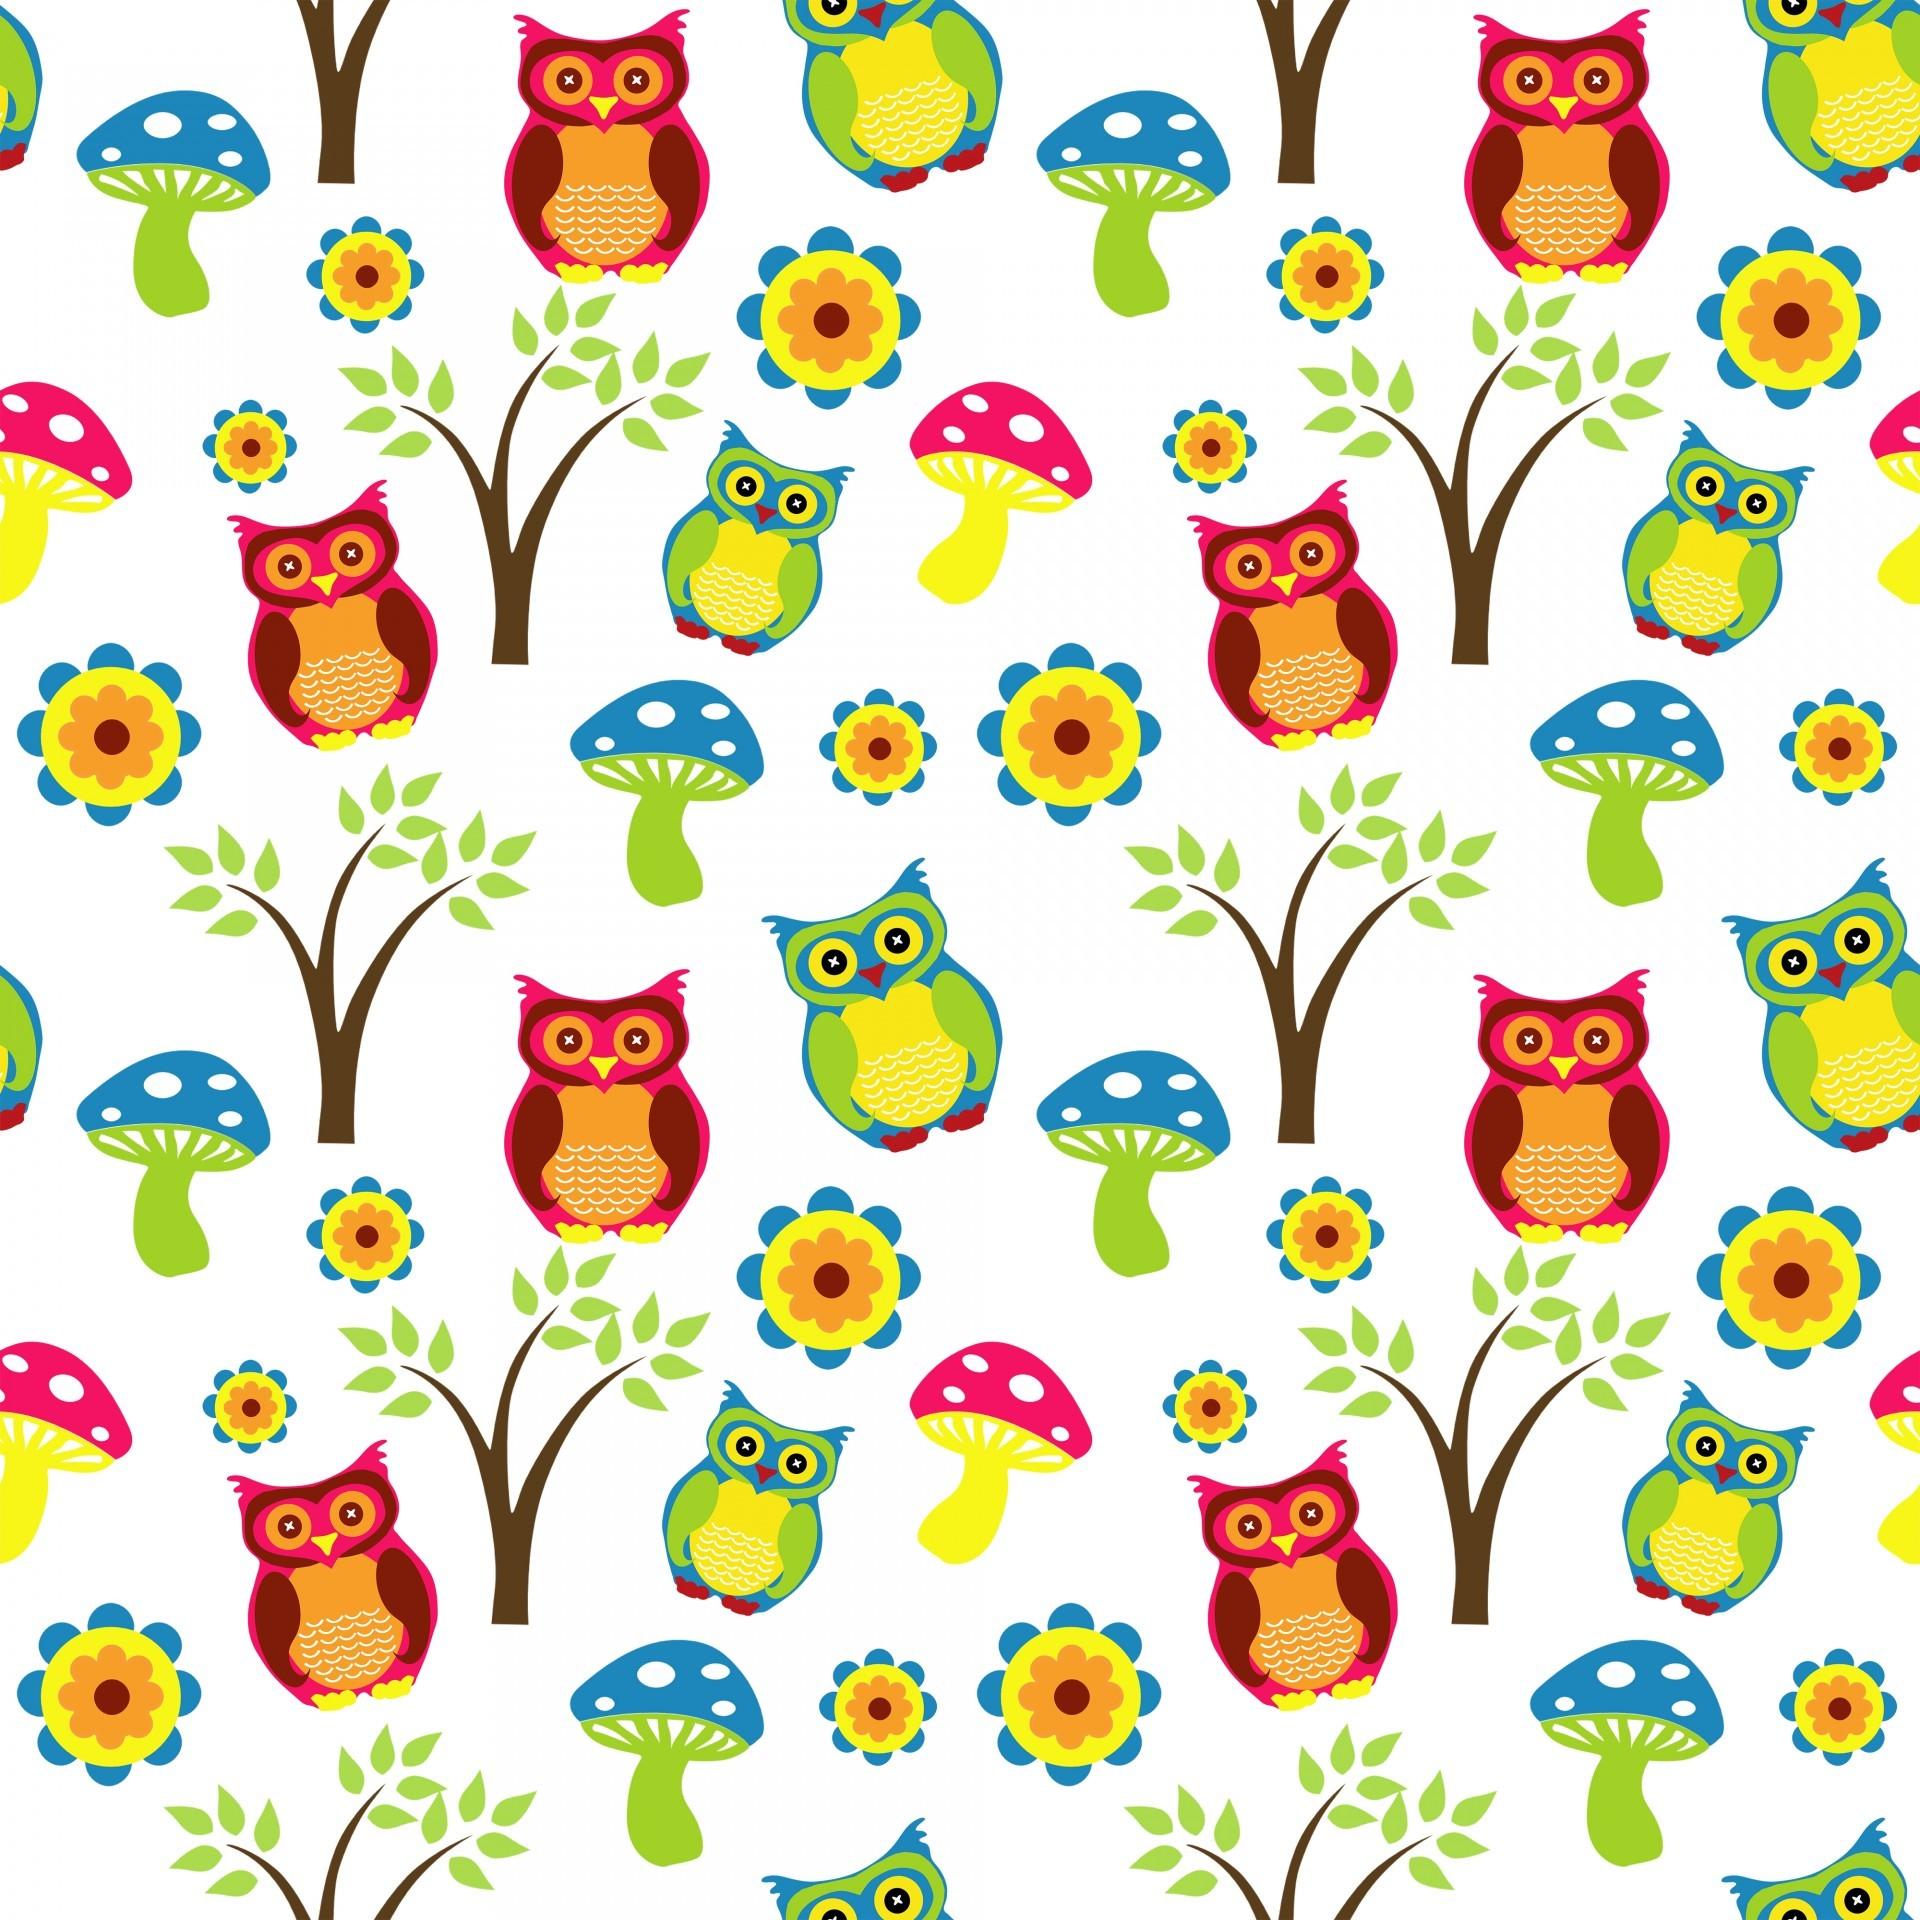 1920x1920 Cute Owl Wallpaper Pattern